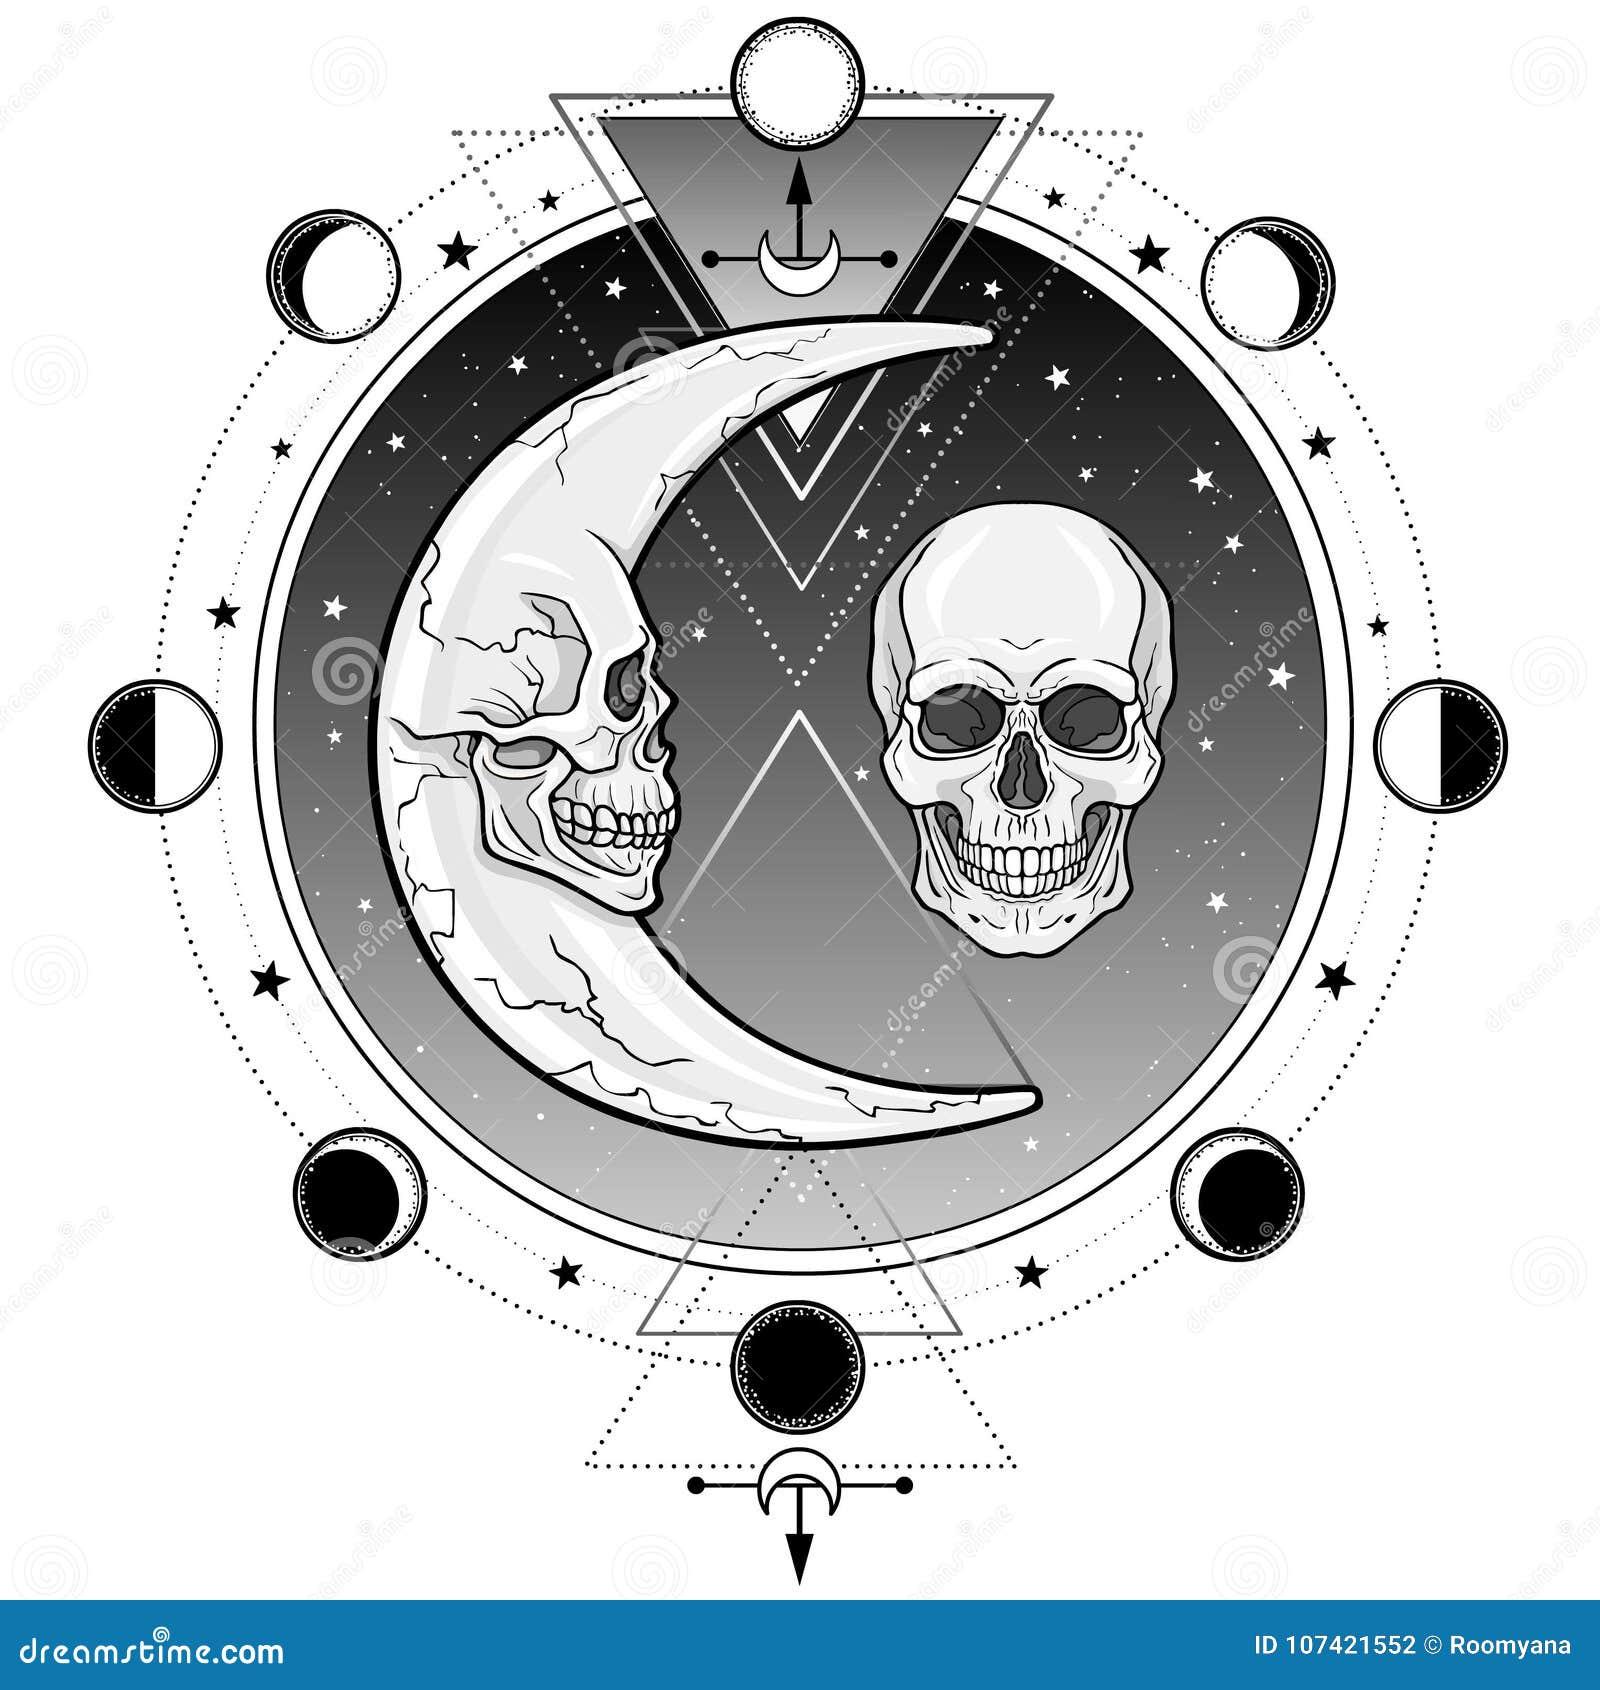 Symboles mystiques : la lune et le mois sous forme de crânes humains La géométrie sacrée